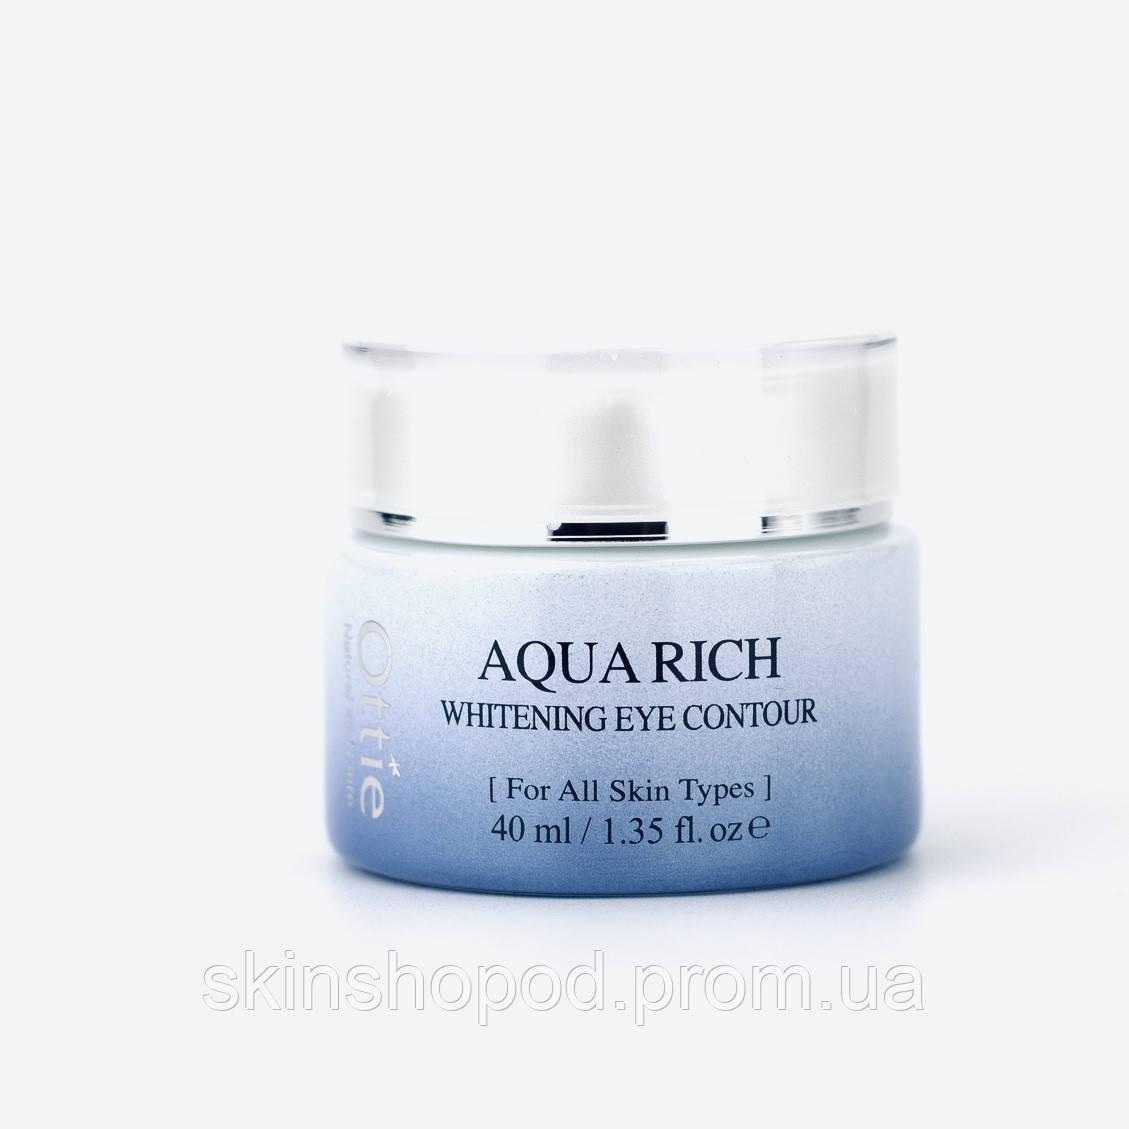 Крем для глаз с талыми водами Аляски Aqua Rich Whitening Eye Contour OTTIE - 40 мл